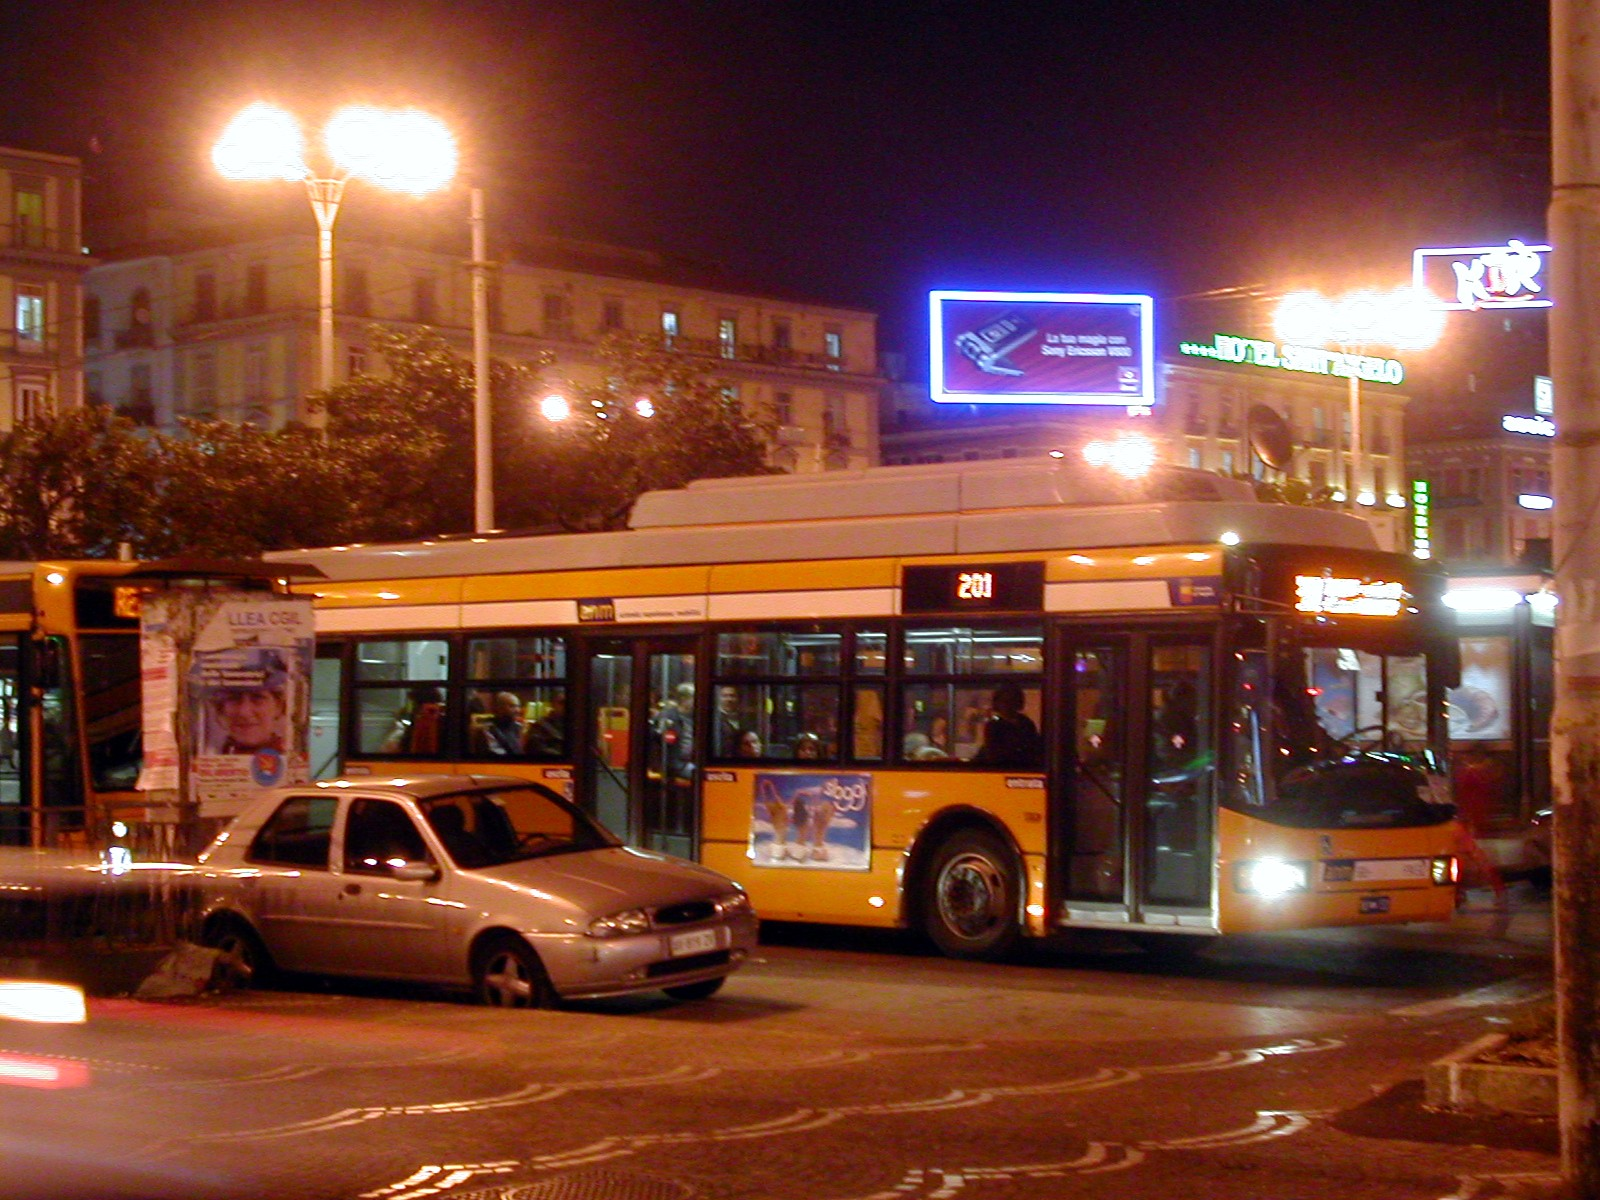 """Atti vandalici e sassaiole, bus nel mirino. La rivolta degli autisti: """"Basta corse notturne in periferia"""""""